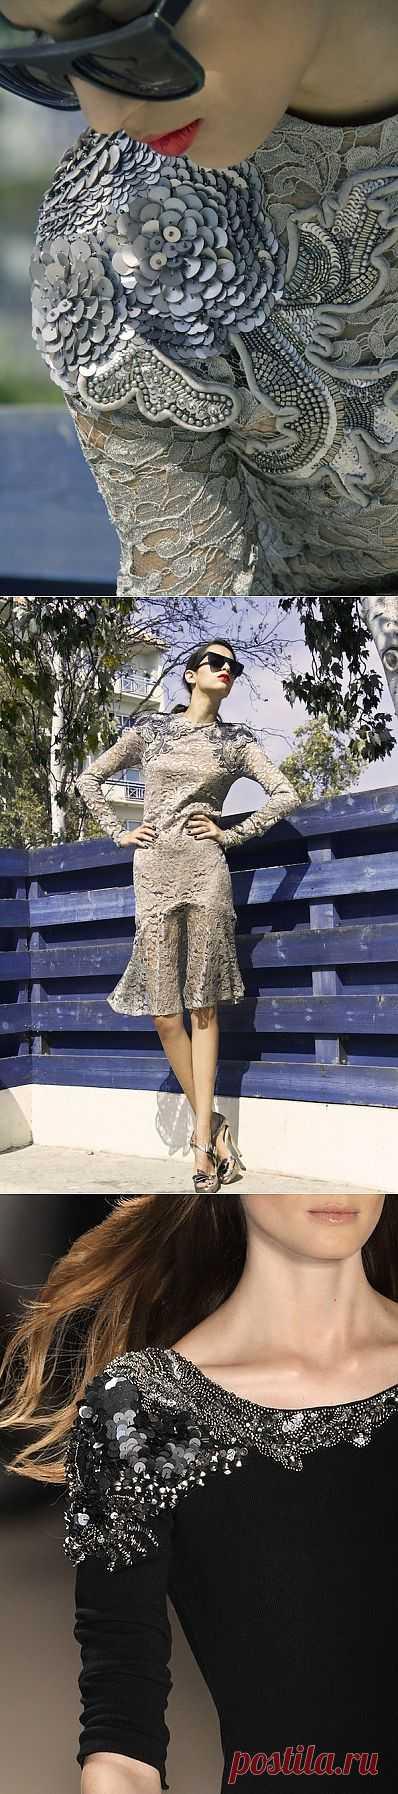 Два похожих красивых декора / Нарядно / Модный сайт о стильной переделке одежды и интерьера